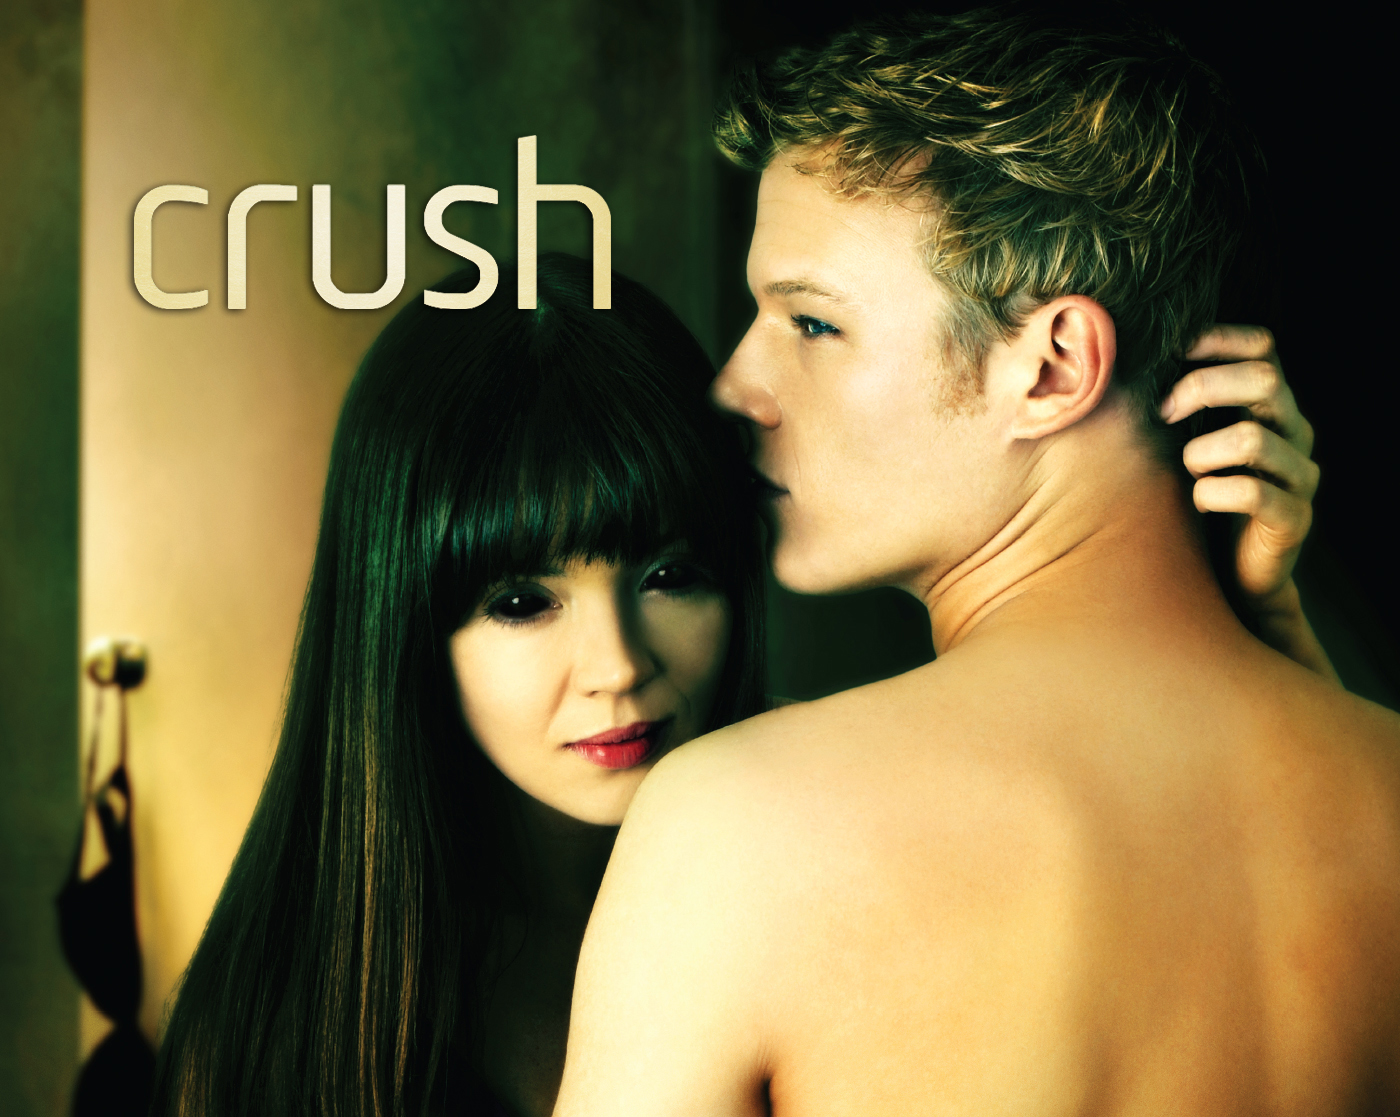 Crush Film